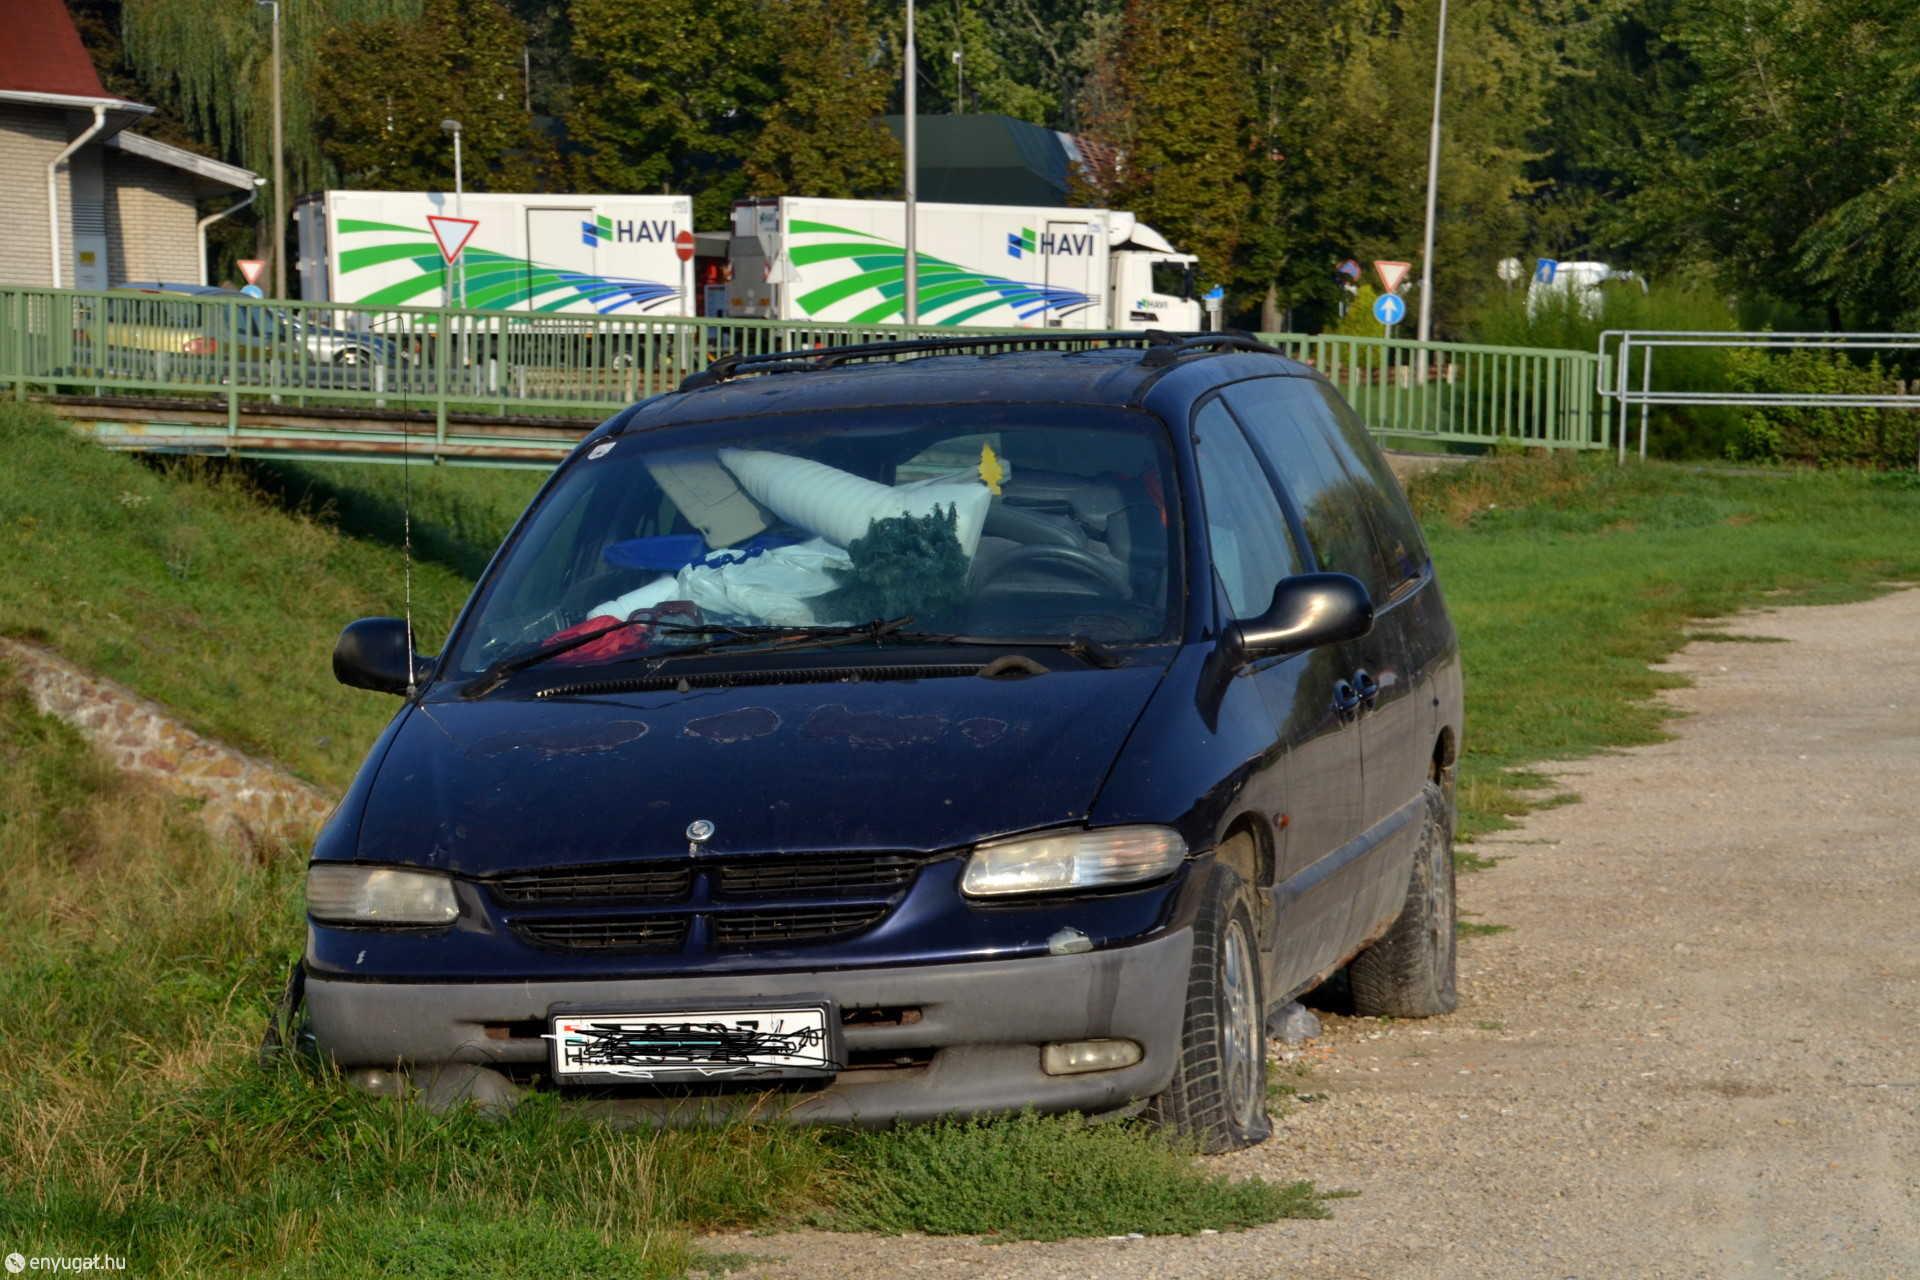 Nyilvánvaló, hogy ezt az autót már nem közlekedésre használják.